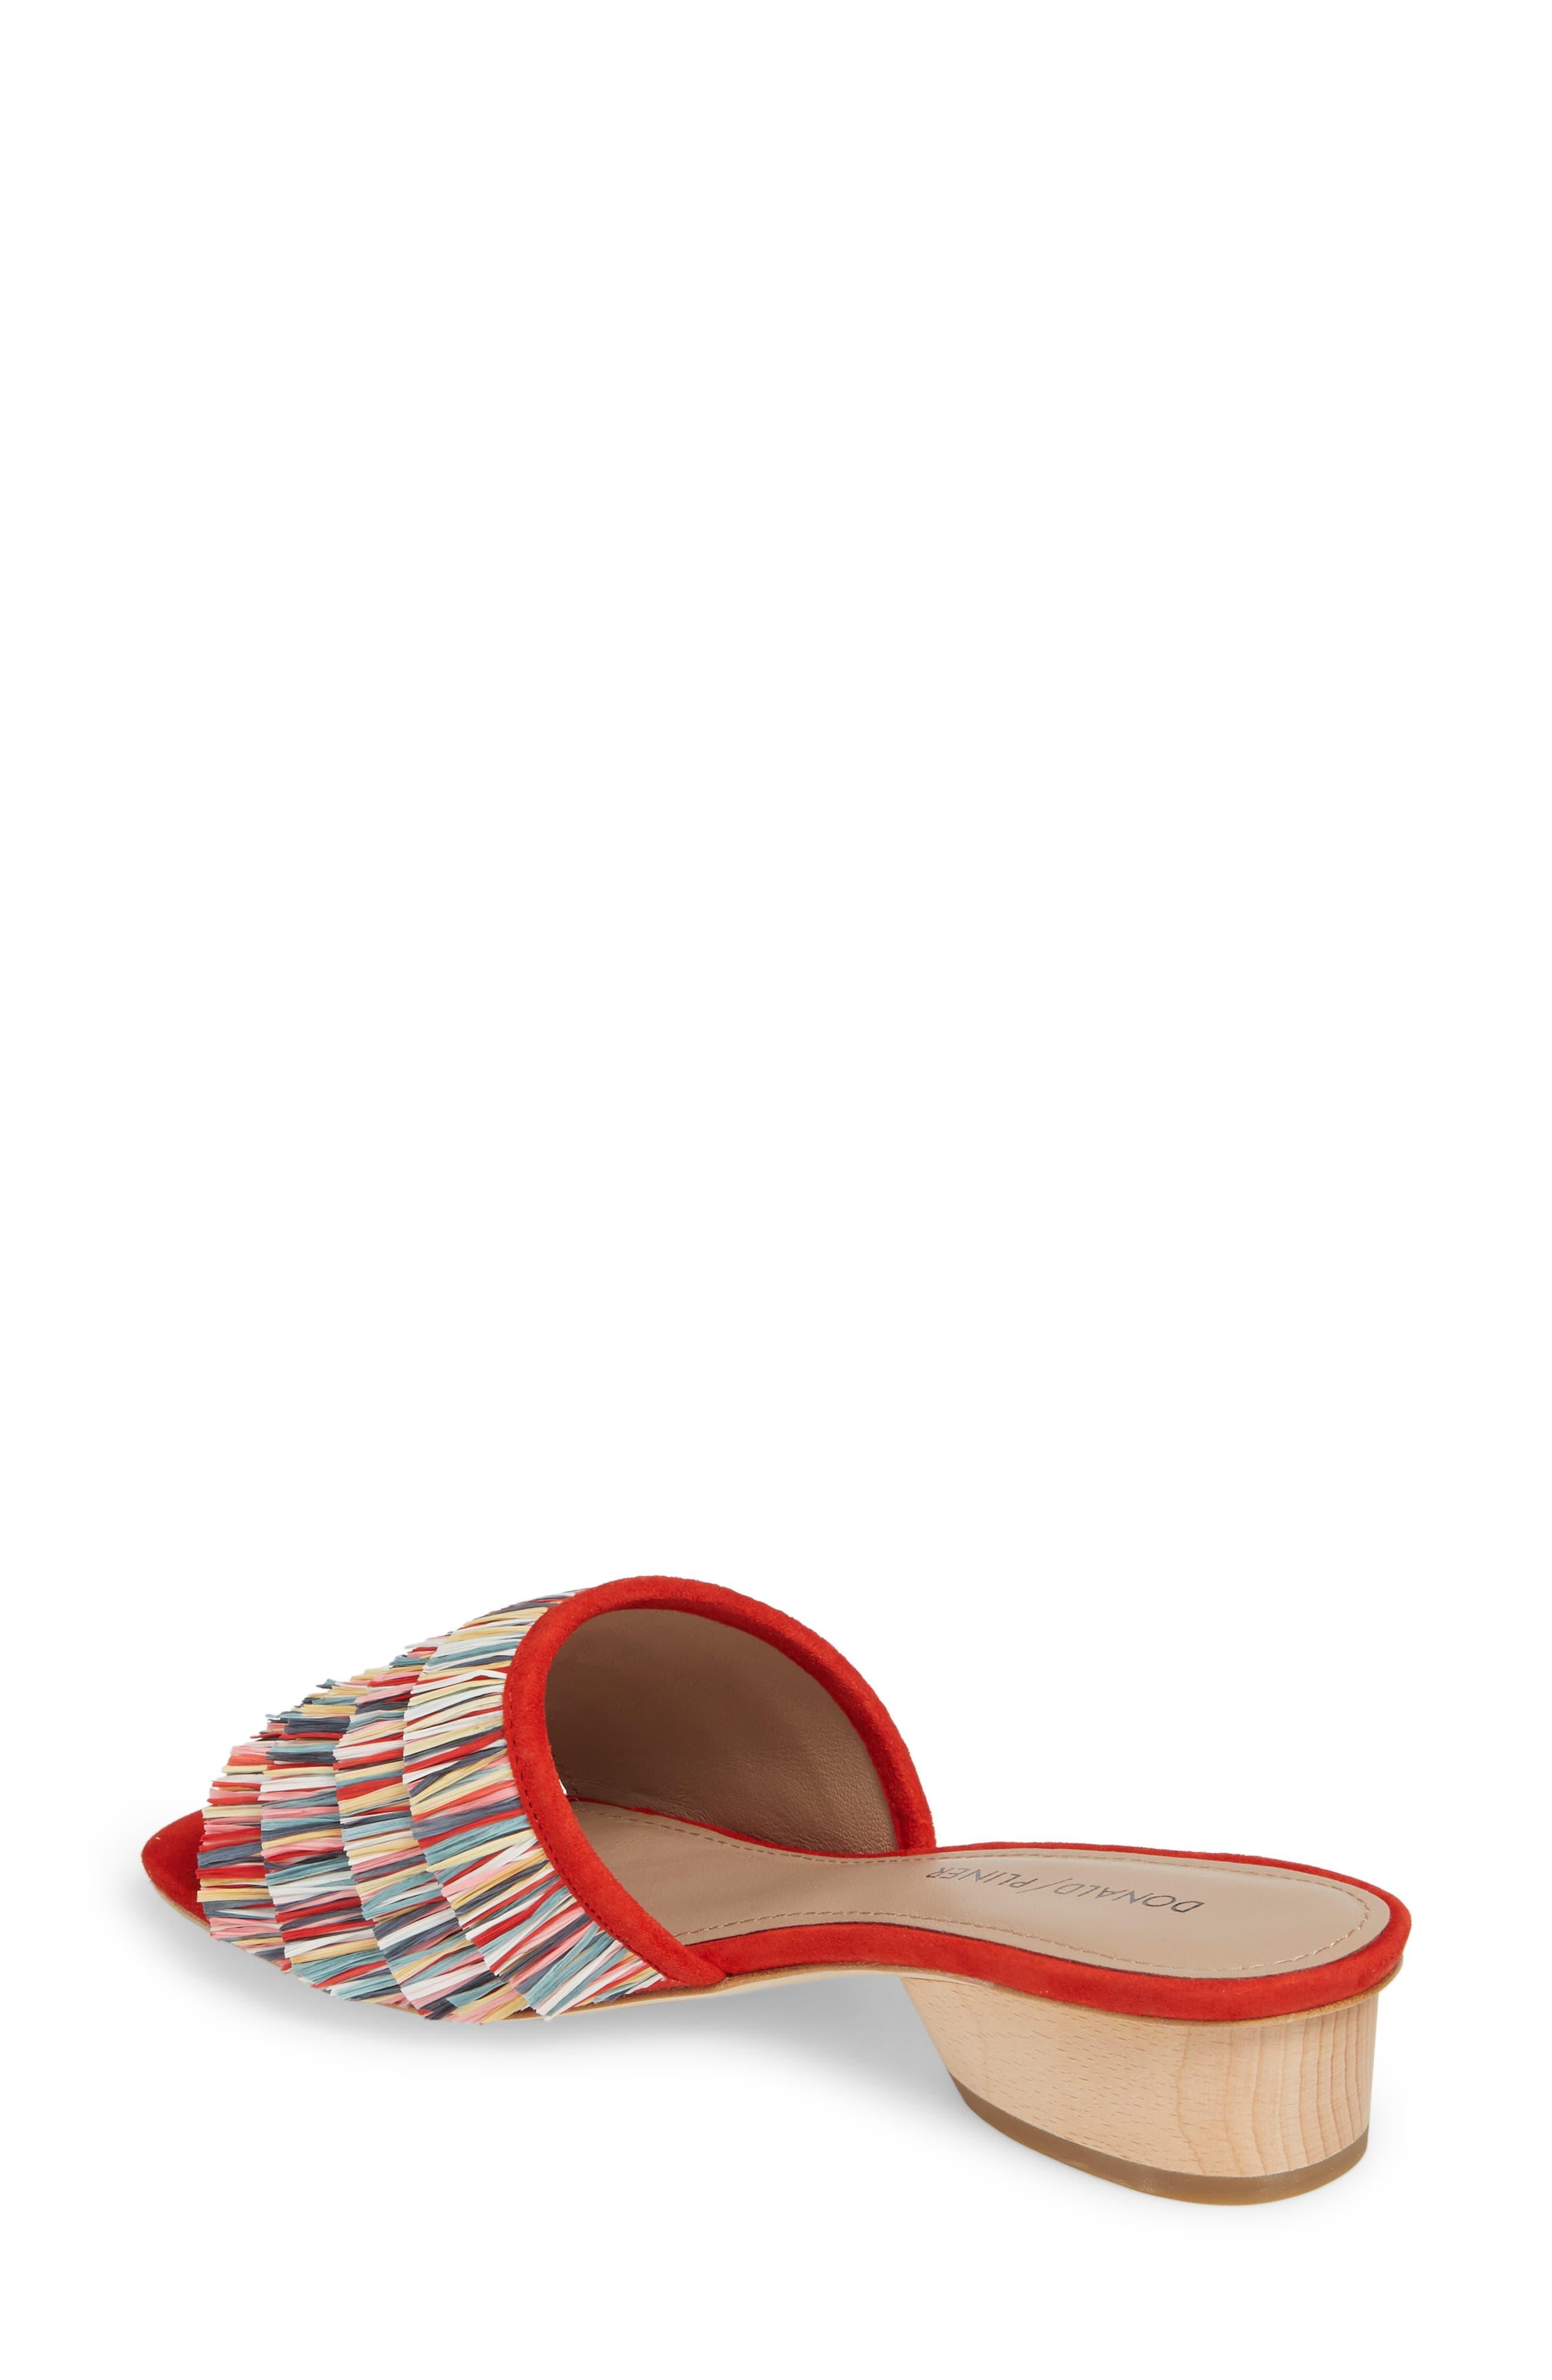 Reise Slide Sandal,                             Alternate thumbnail 3, color,